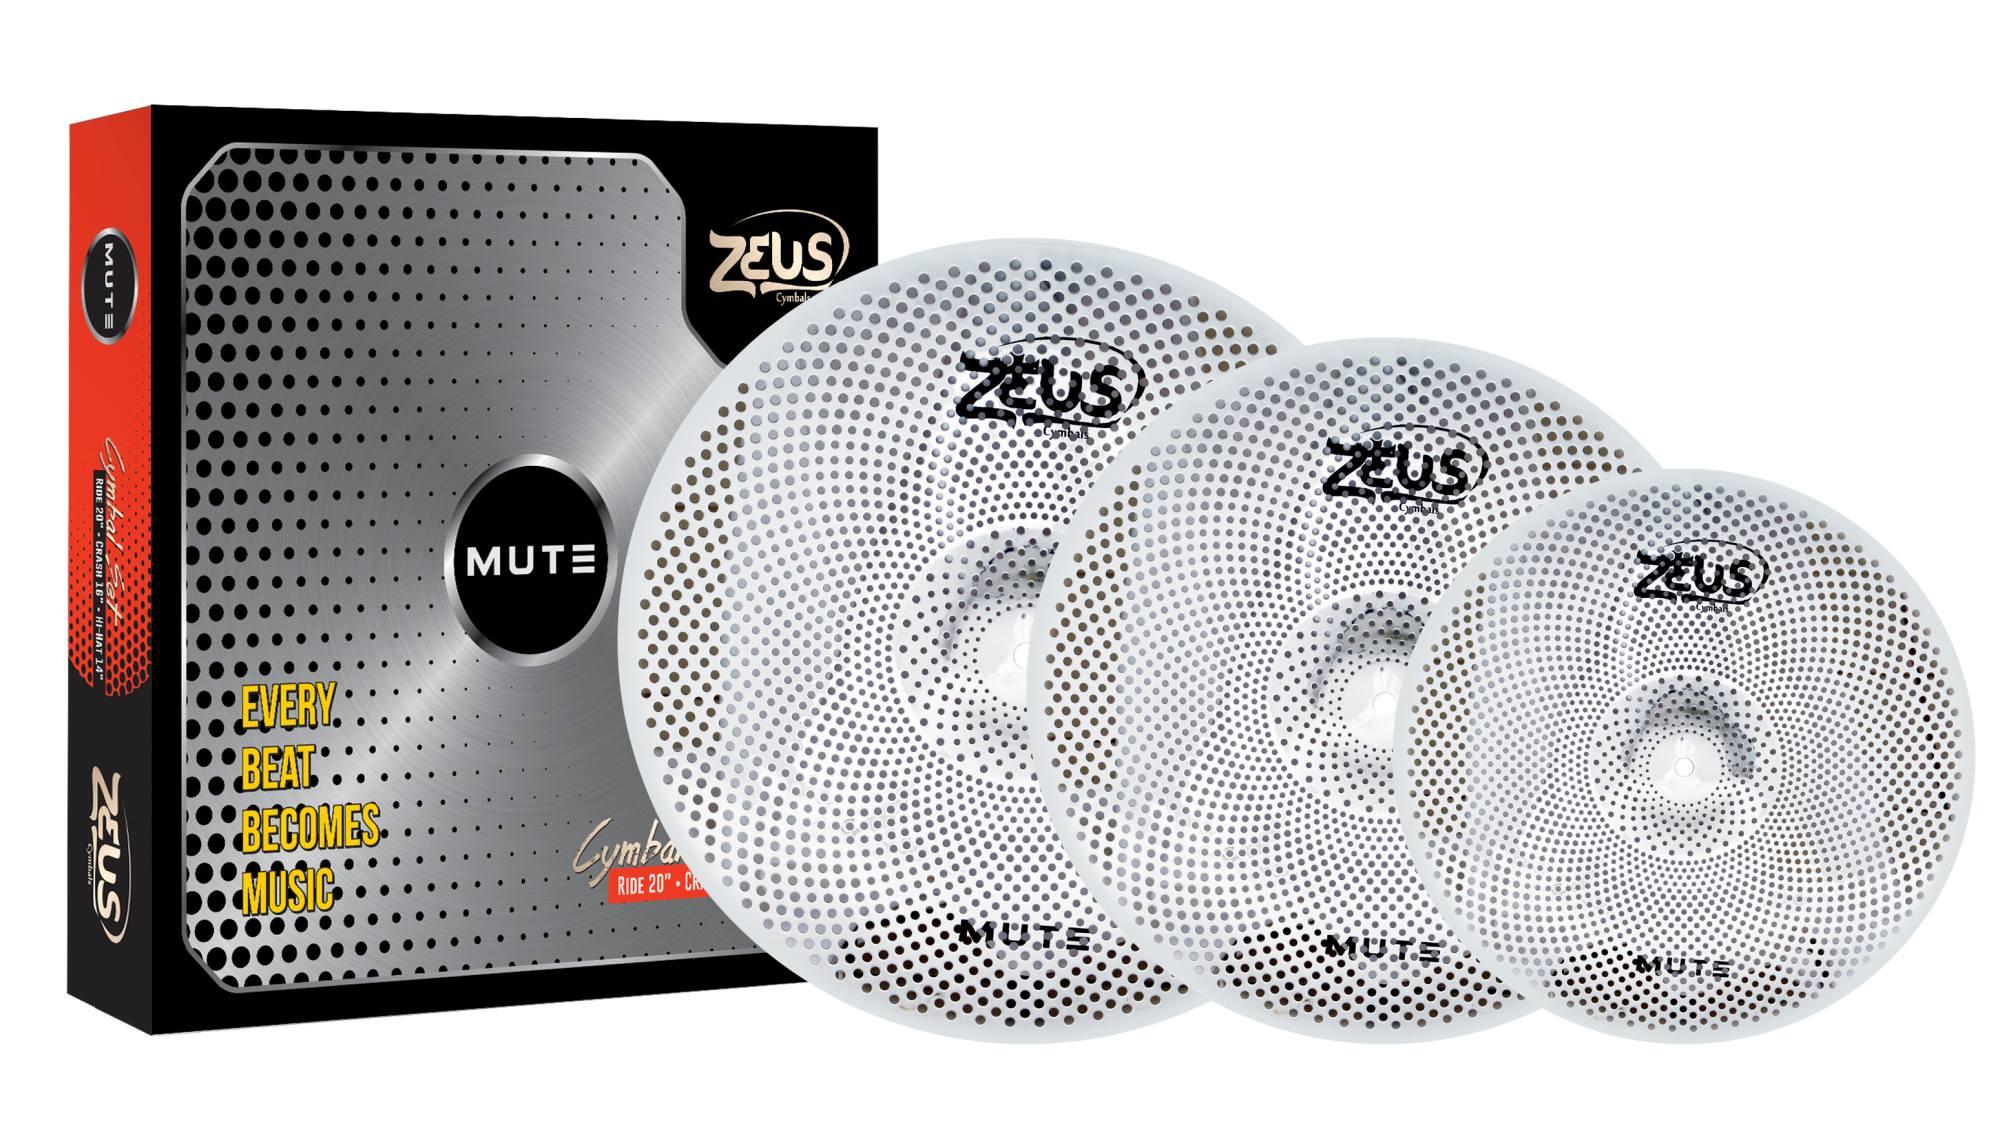 Prato Zeus Mute Set C